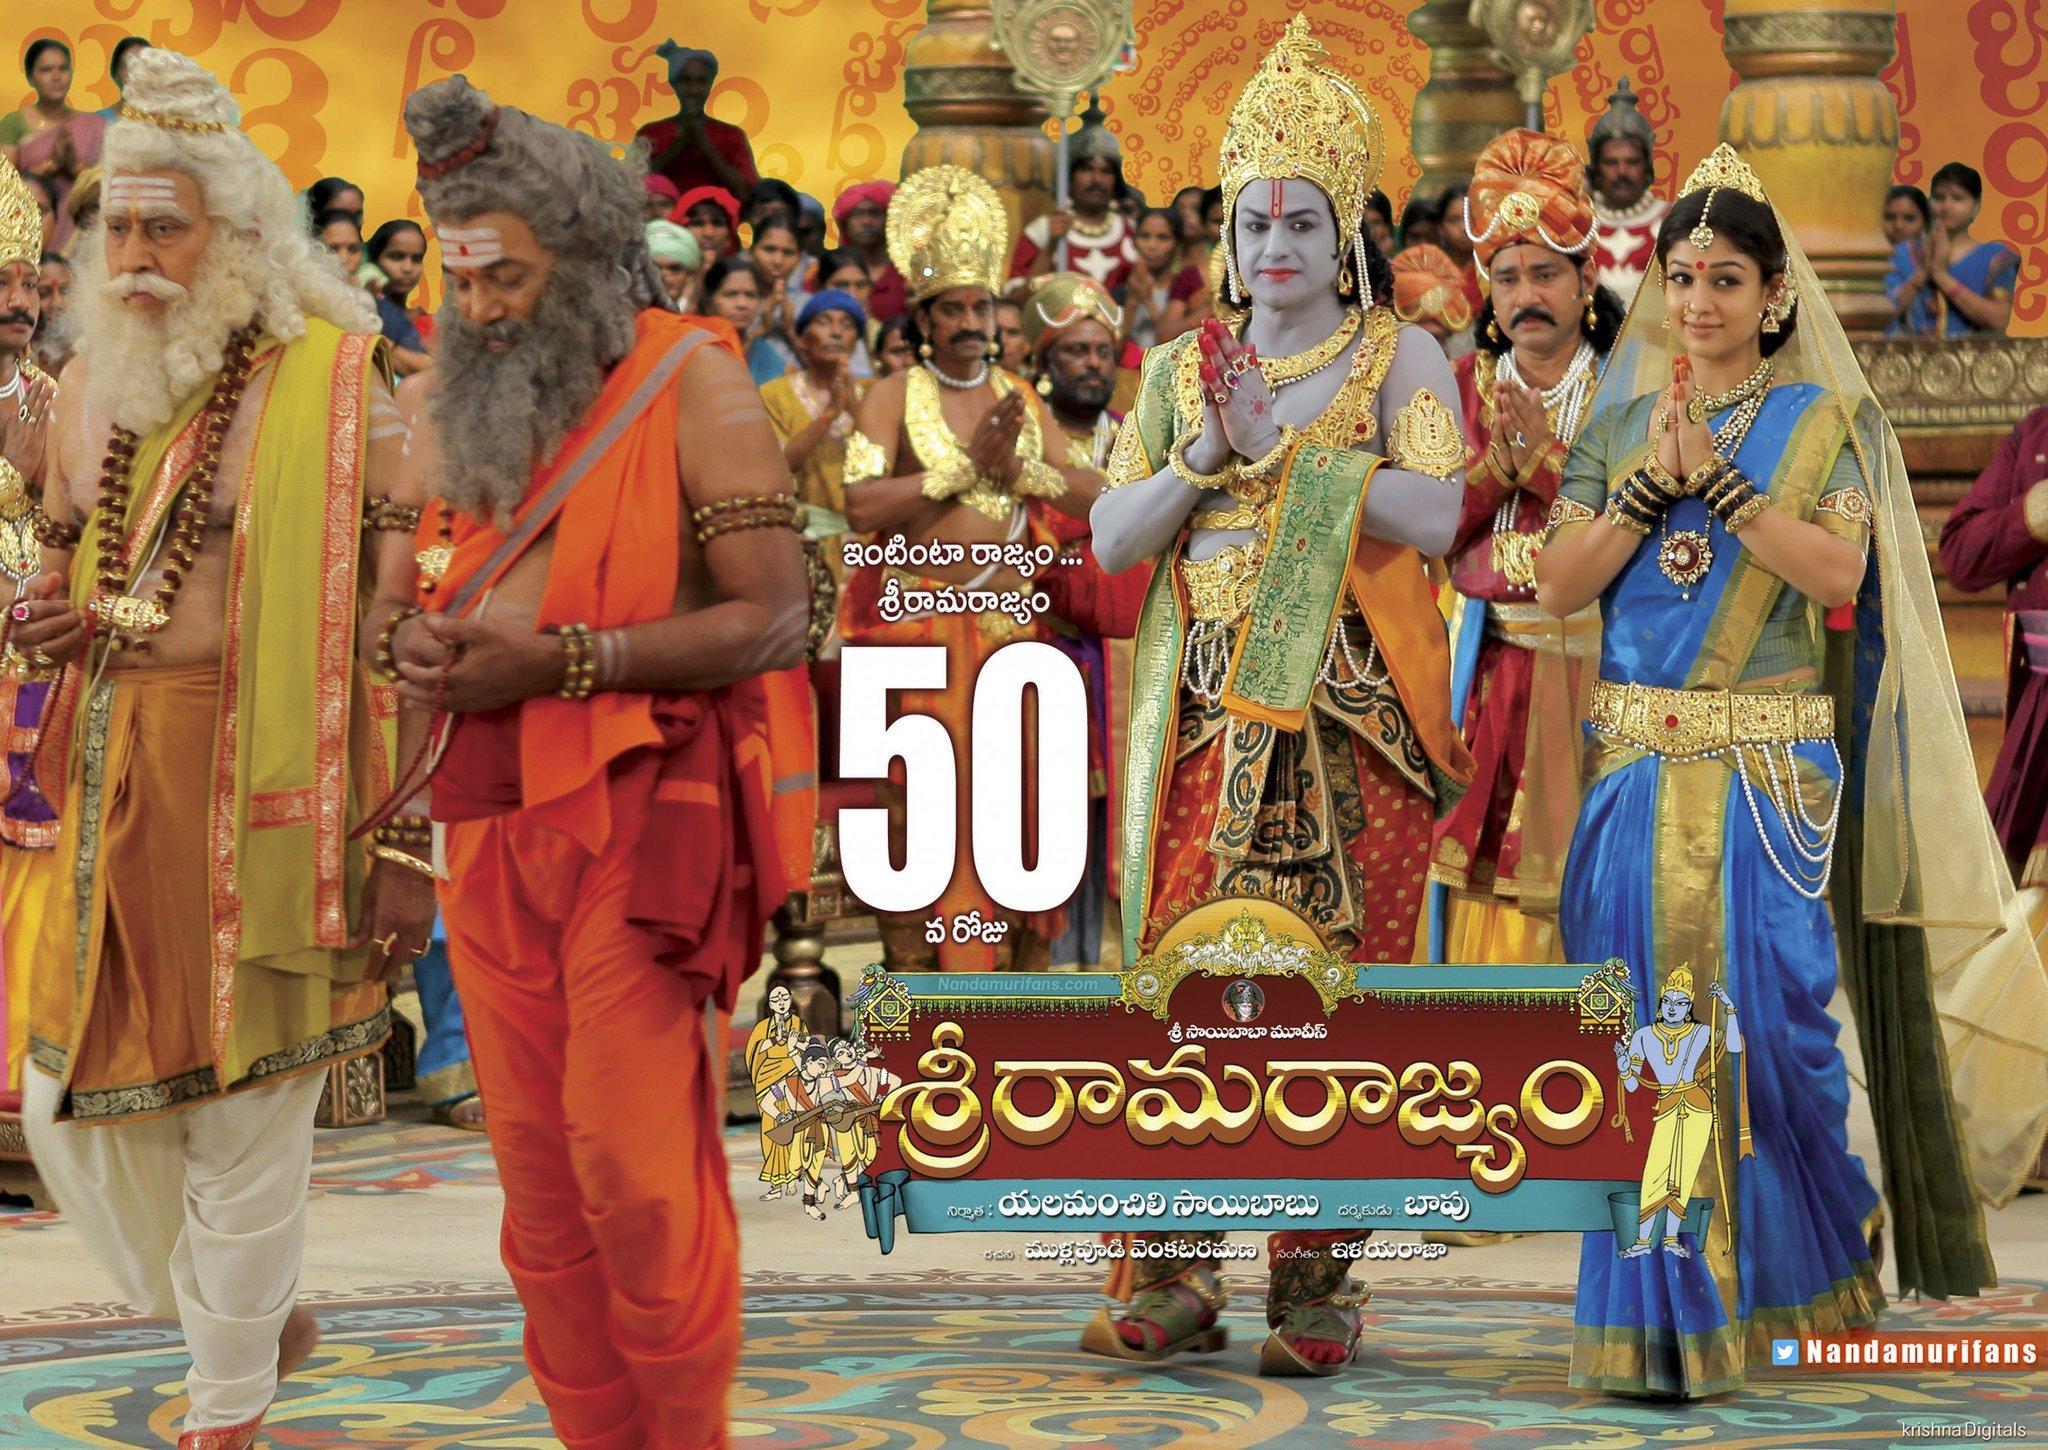 4-Sri Rama Rajyam